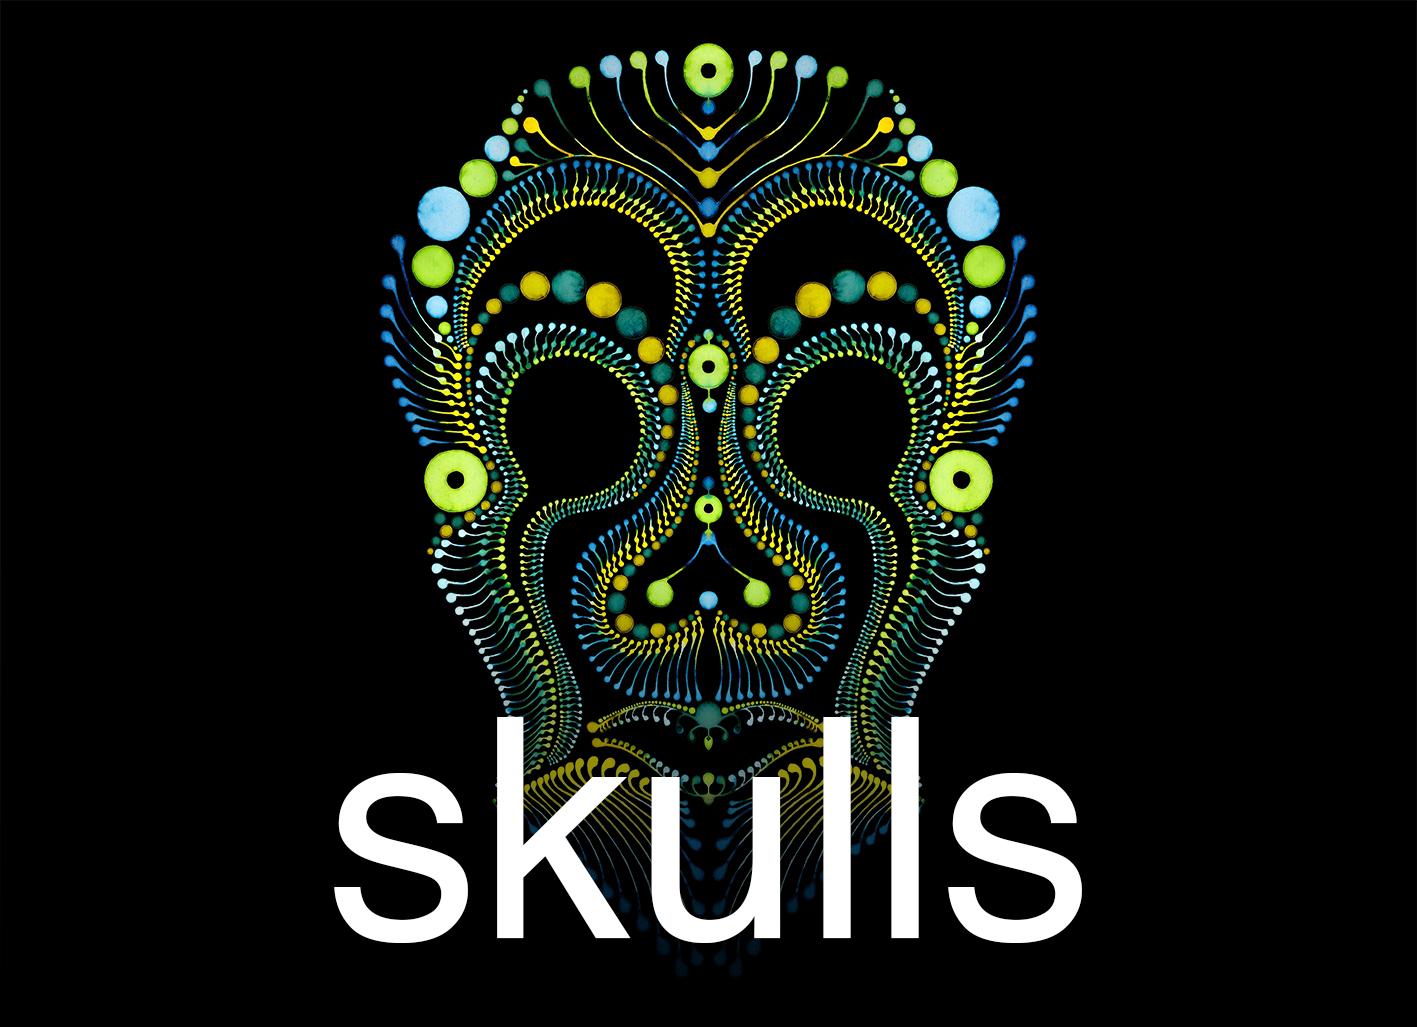 Skulls Artwork